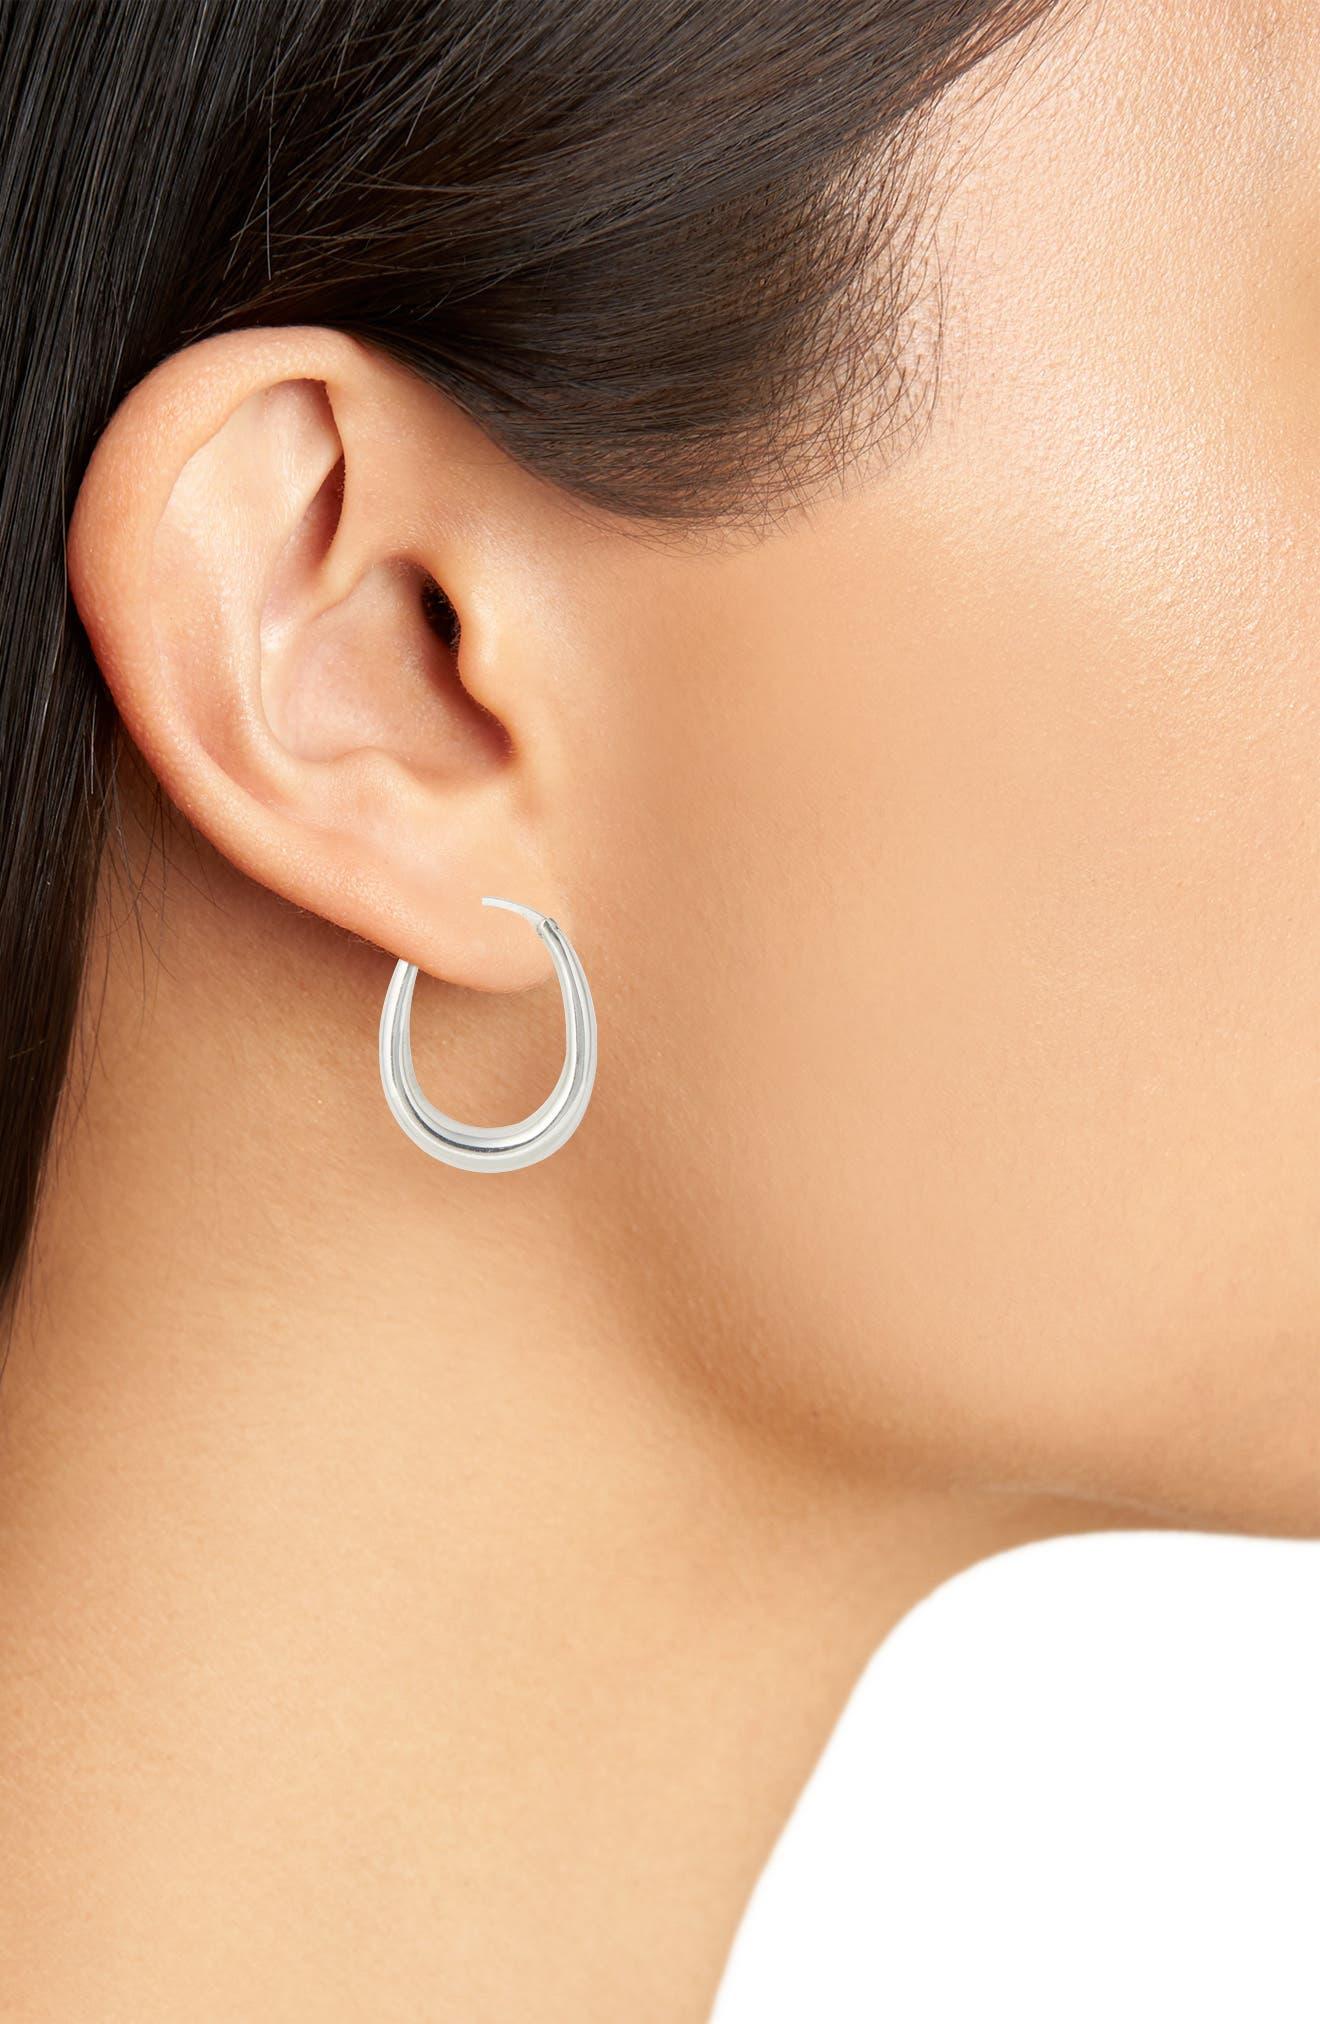 Tiny Egg Hoop Earrings,                             Alternate thumbnail 2, color,                             STERLING SILVER